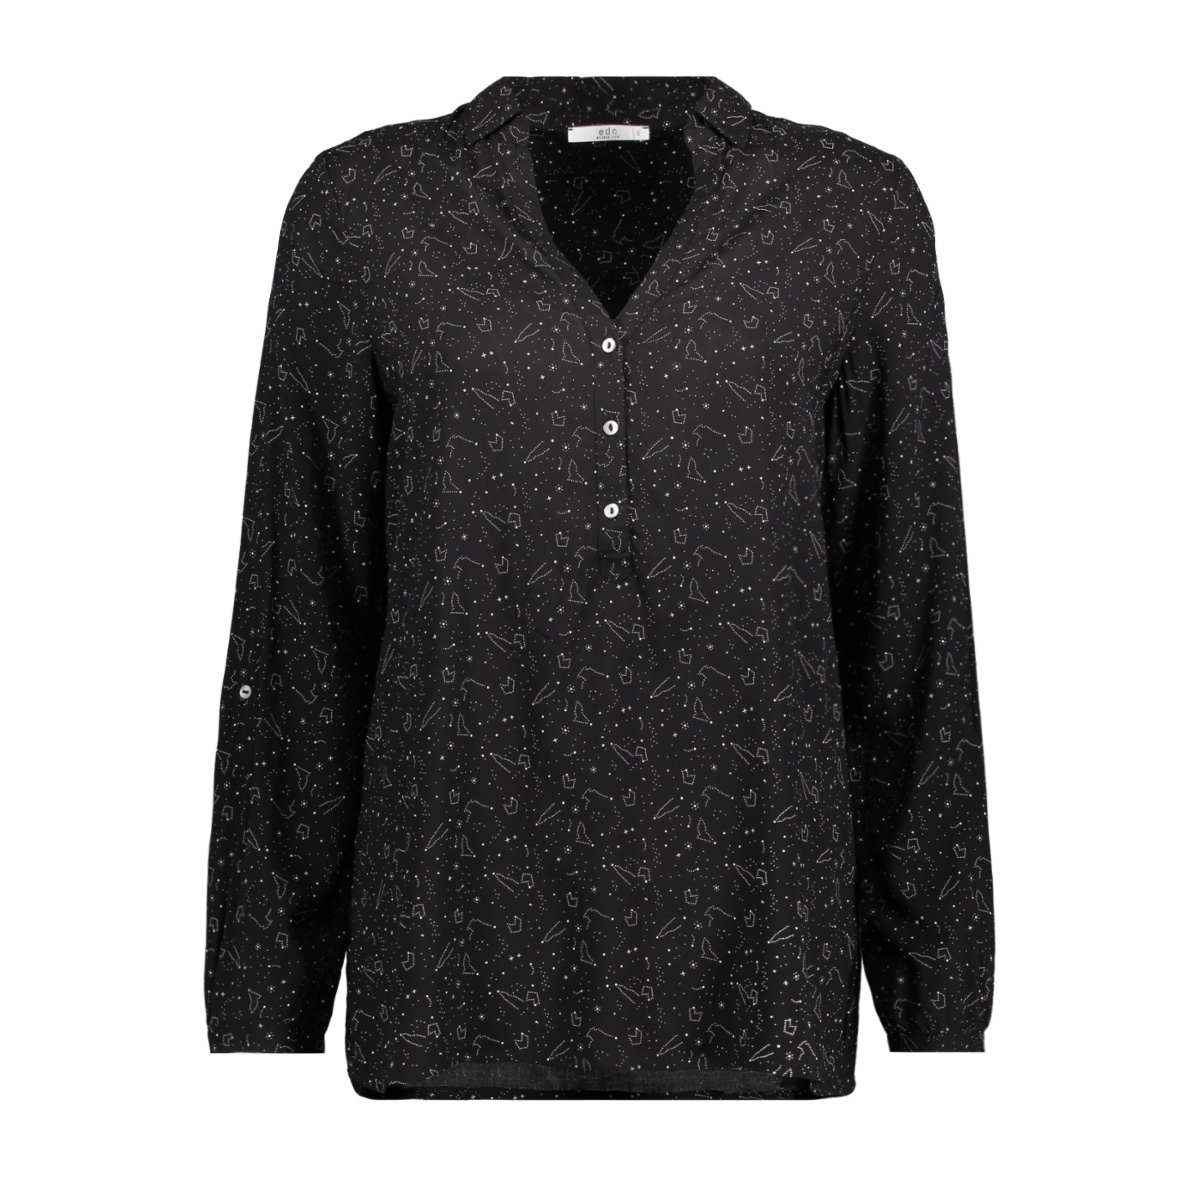 108cc1f003 edc blouse c001